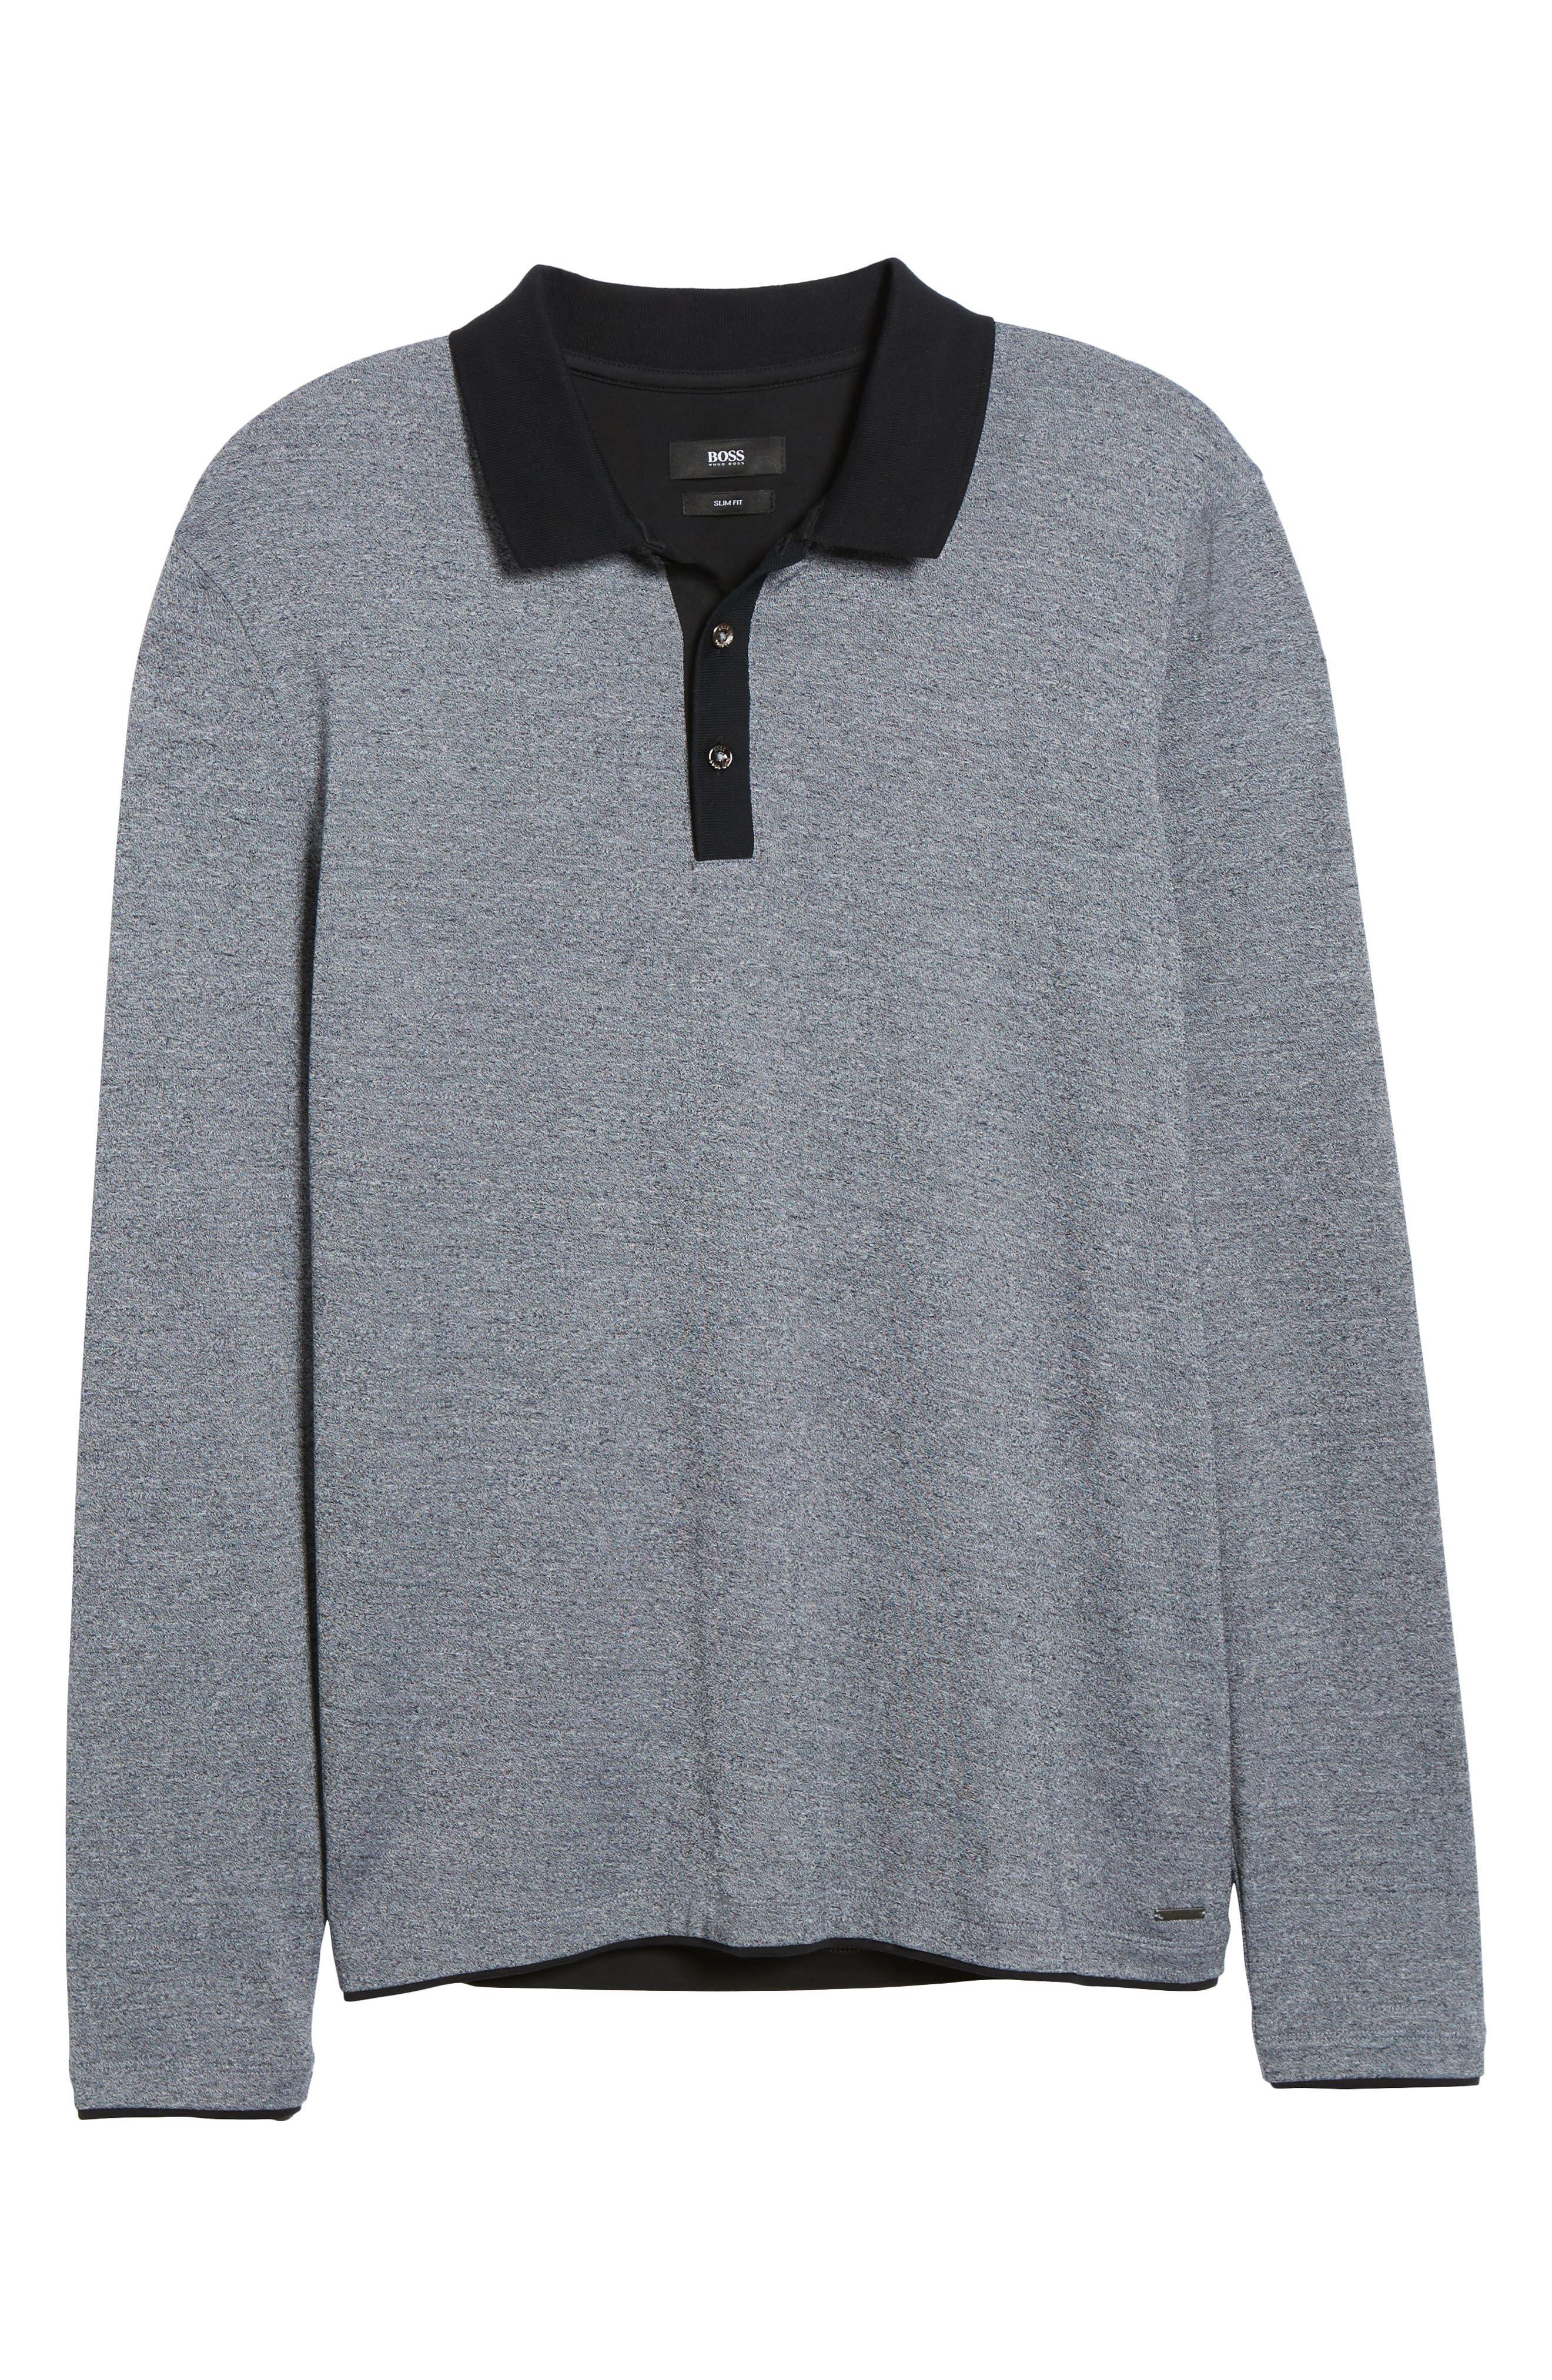 Paschal Mouline Slim Fit Polo Shirt,                             Alternate thumbnail 6, color,                             001